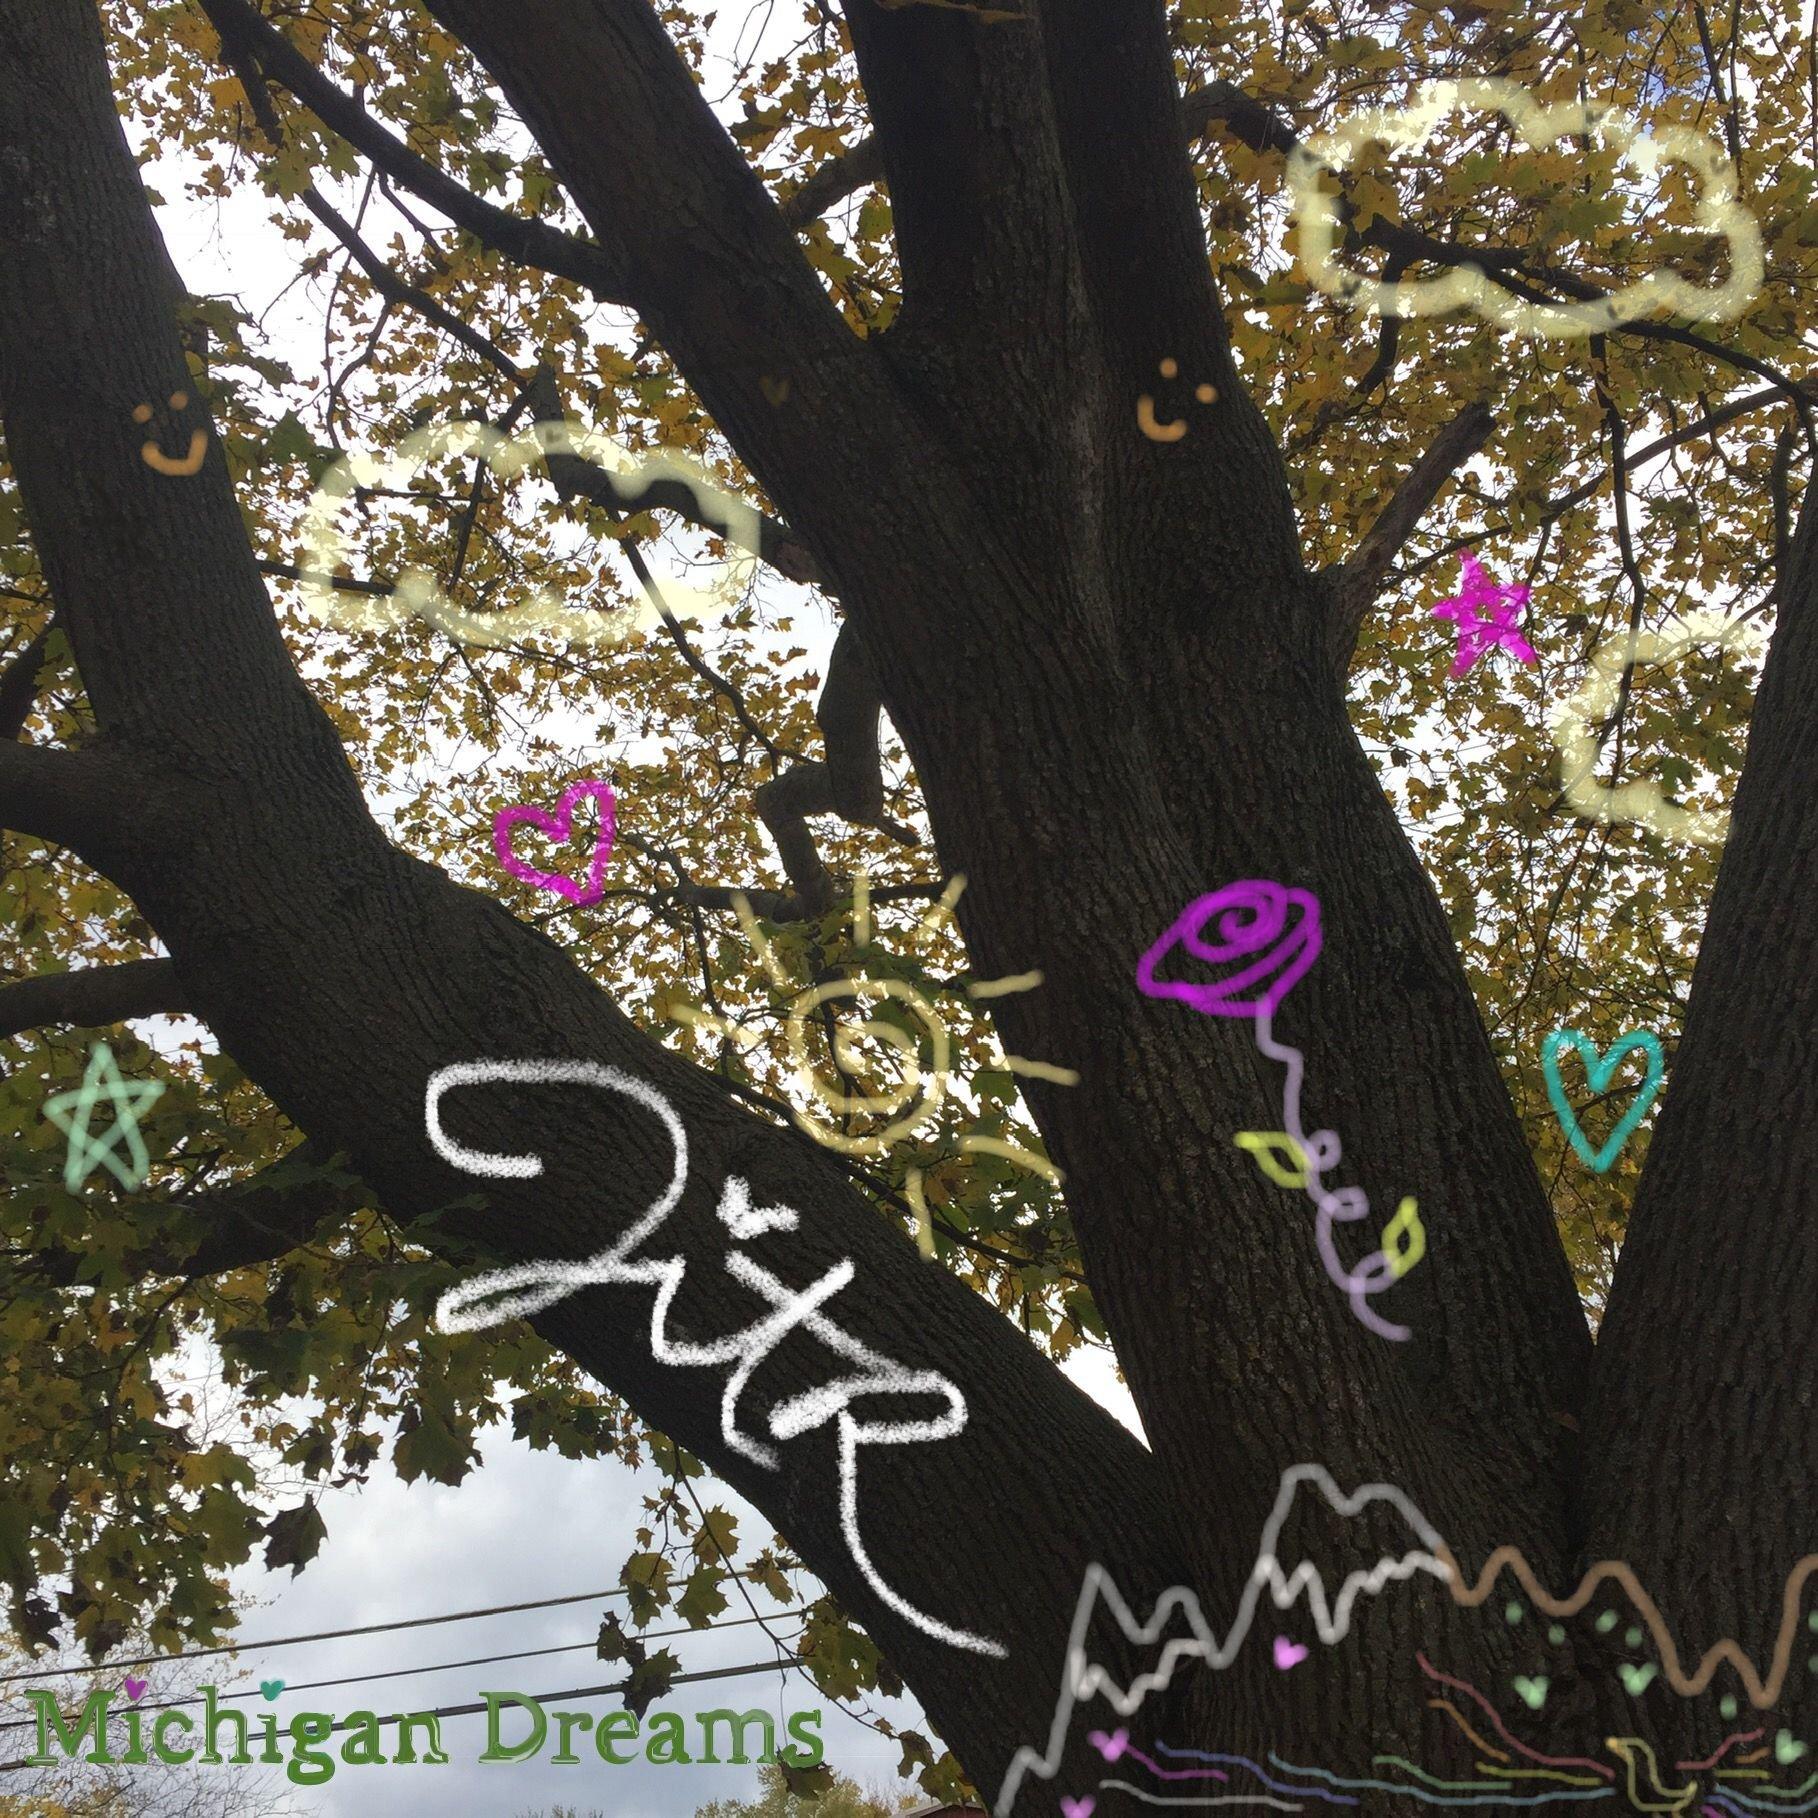 Michigan Dreams album cover w cute graffiti